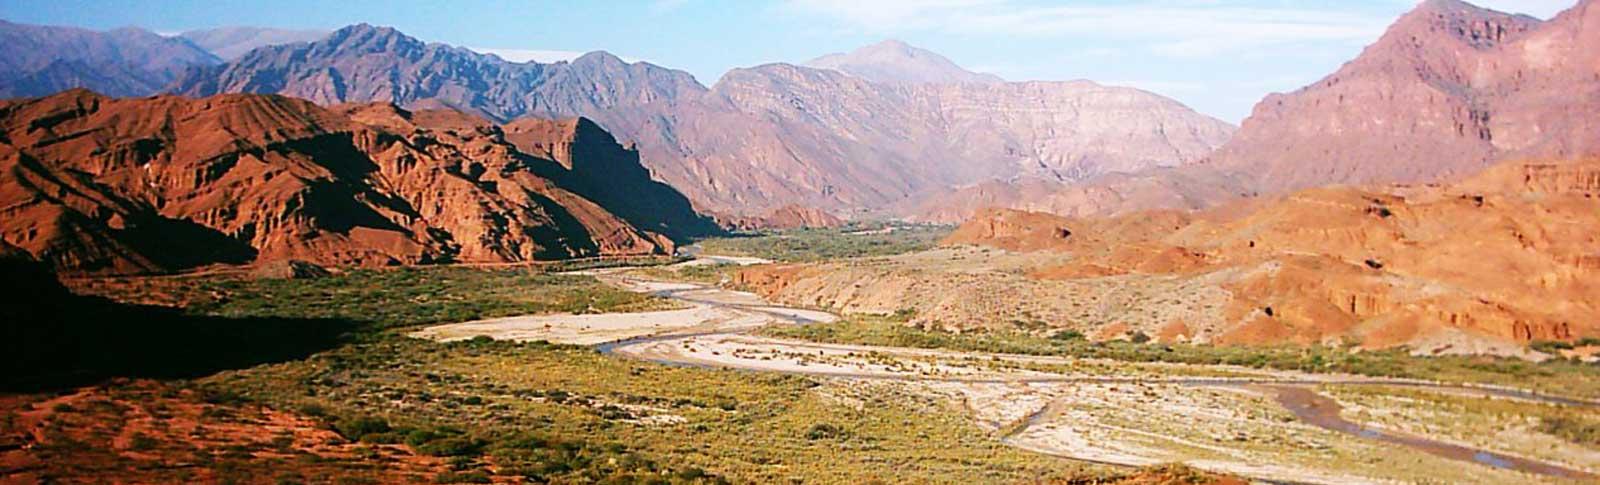 Quebrada de las conchas, Cafayate, Salta